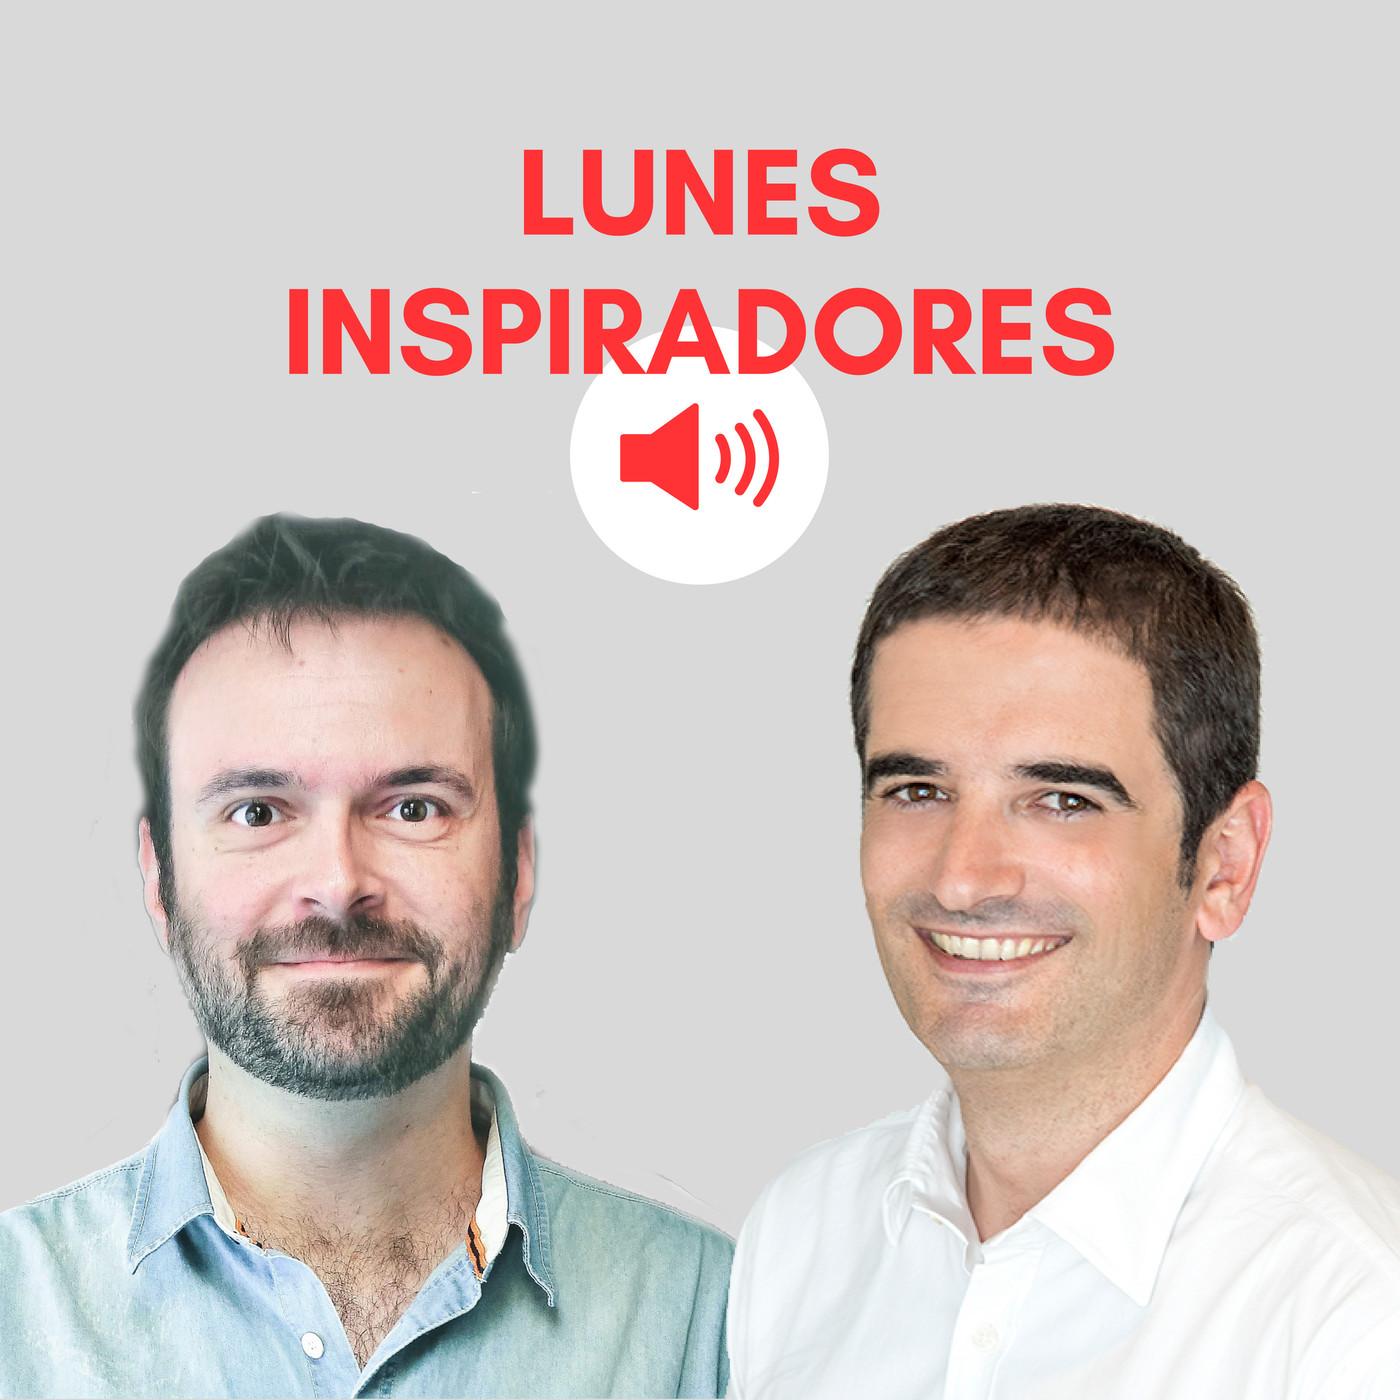 """[REPOST] """"Branding en femenino"""" con Gemma Cernuda - LUNES INSPIRADORES"""